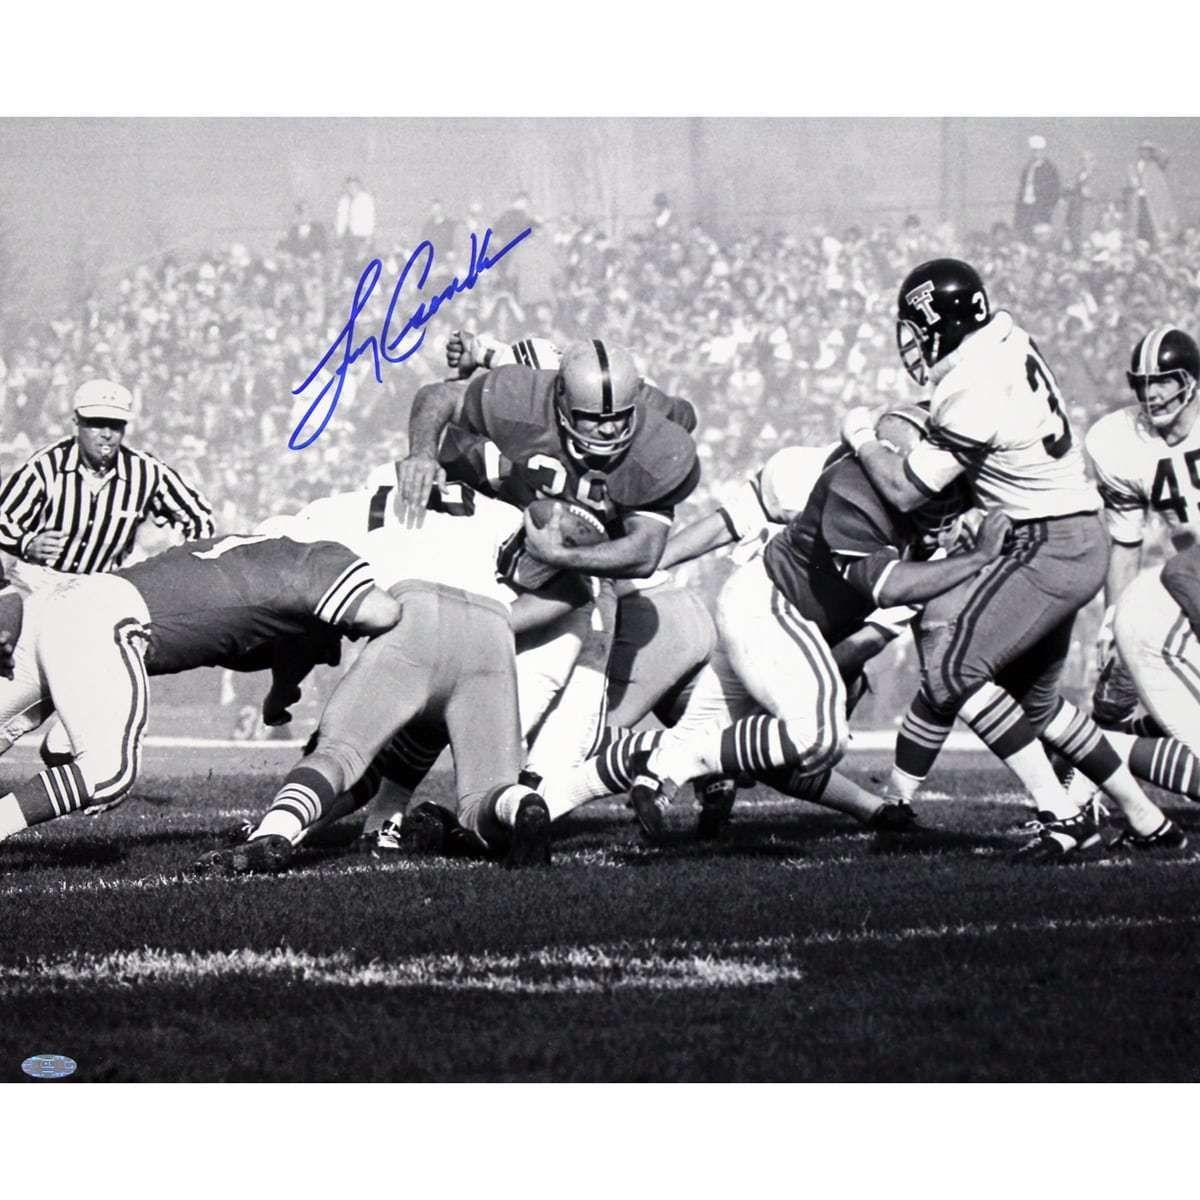 Larry csonka signed bw miami dolphins football fantasy